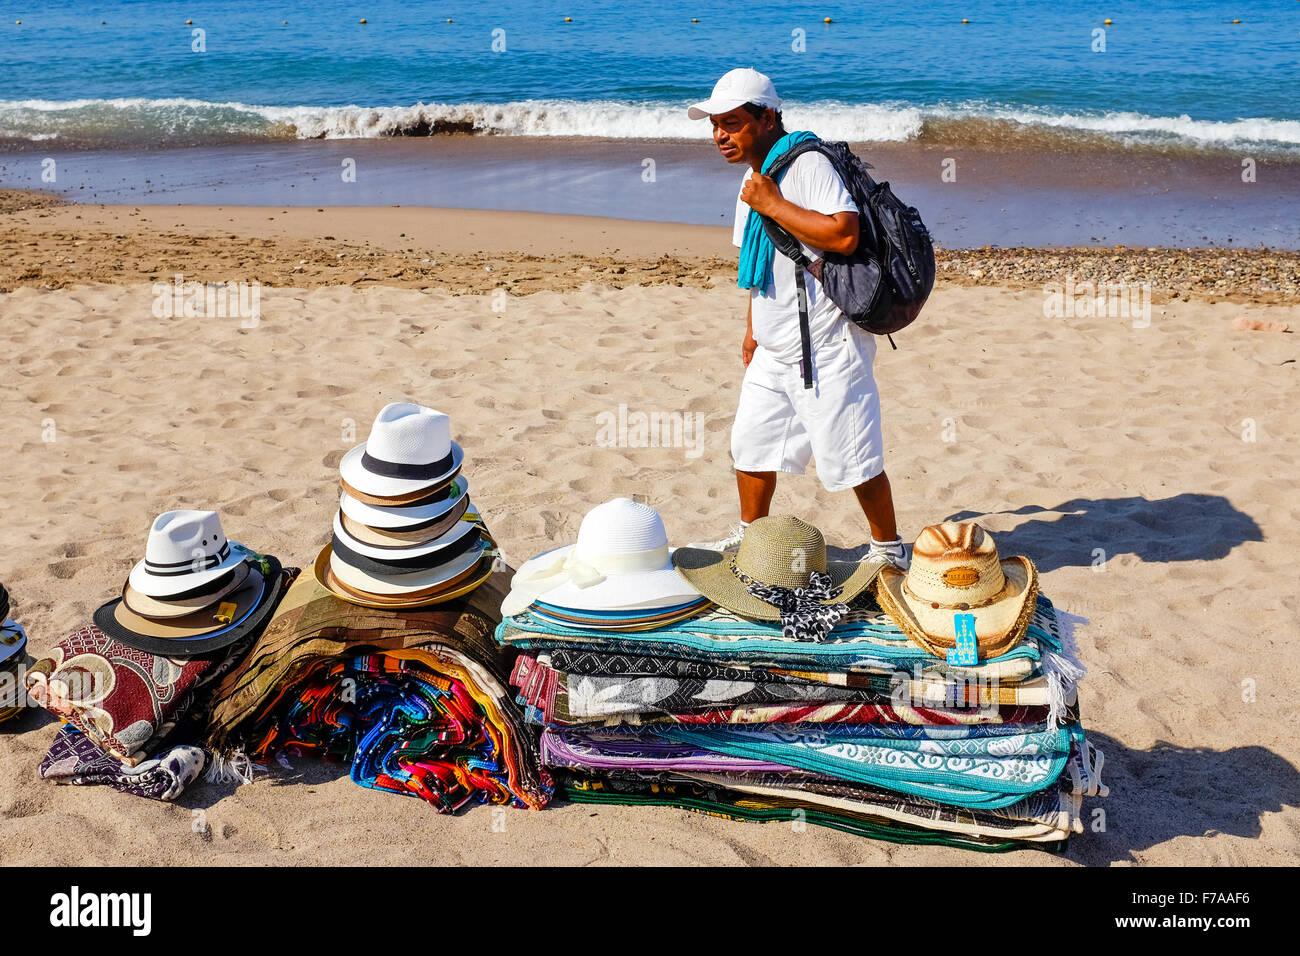 Hombre Vendiendo Sombreros Tapetes Alfombras Y Prendas De